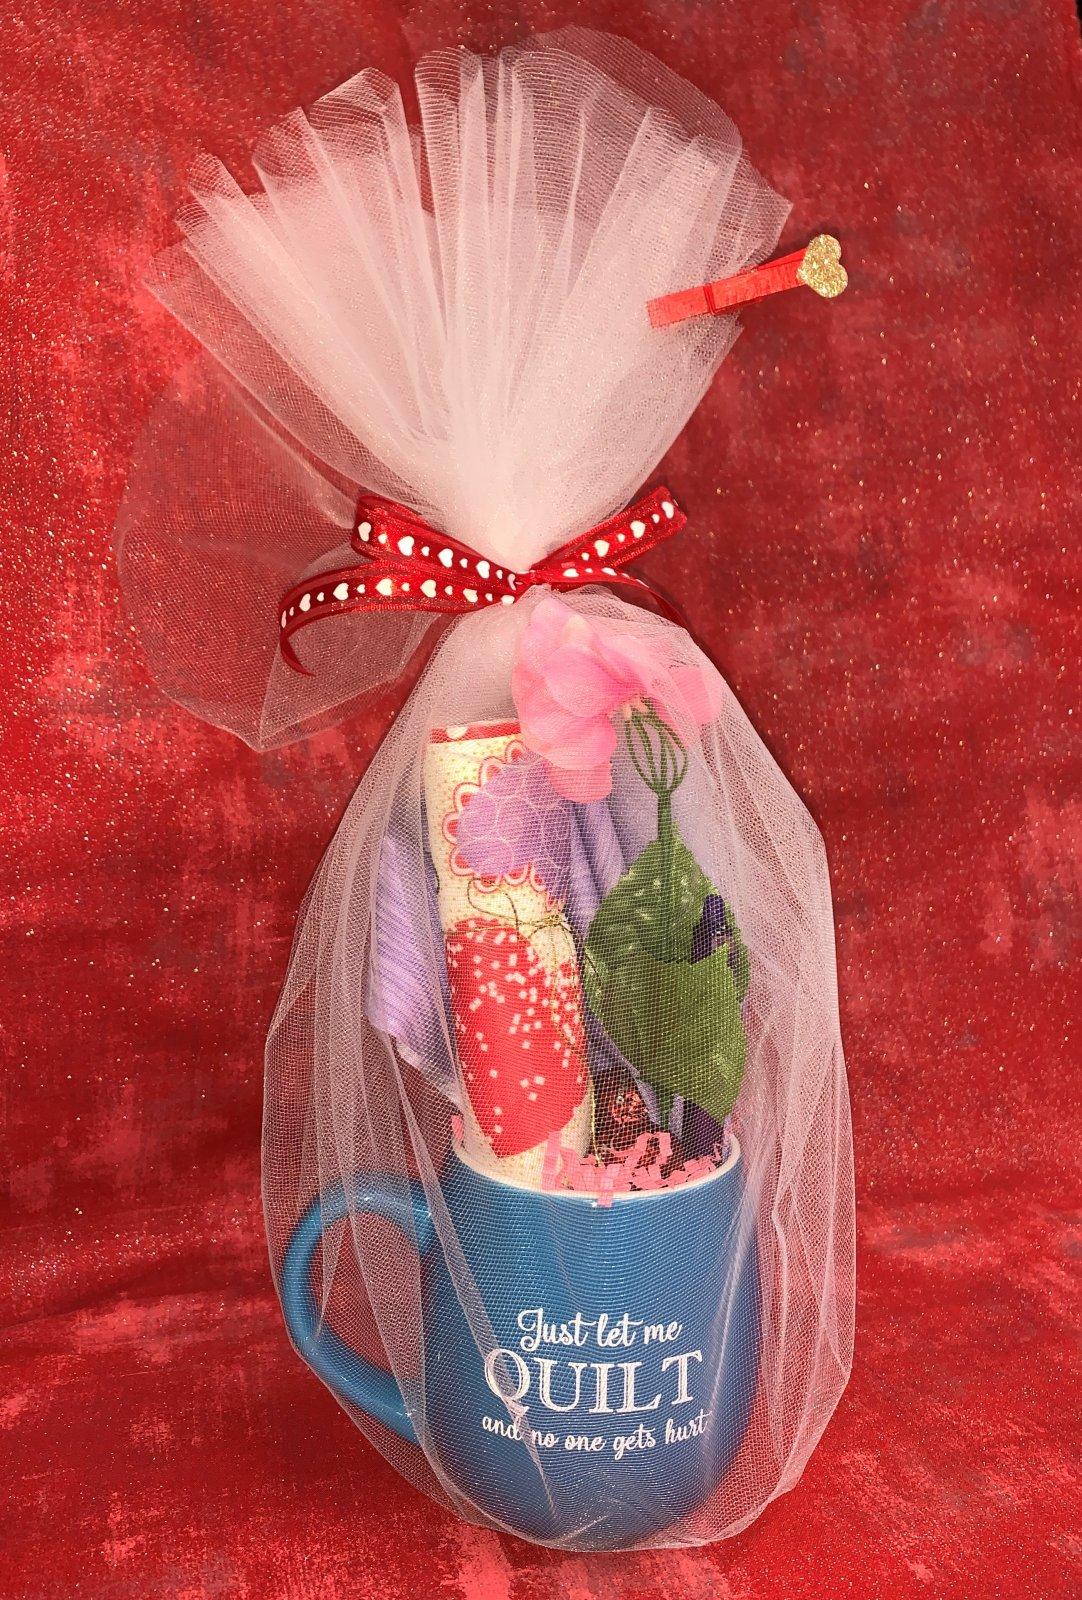 TSQ Mug Gift & Gift Card - You pick the $ amount on gift card